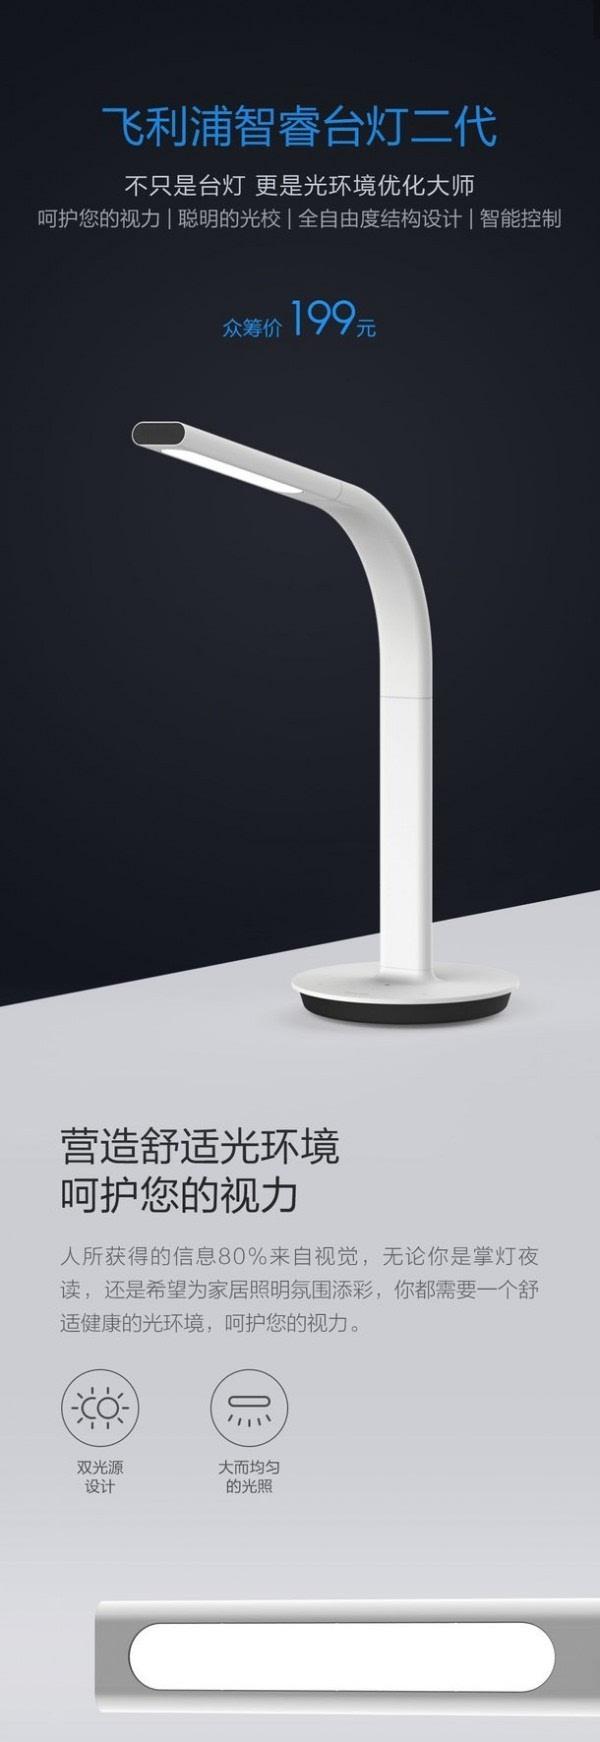 199元:小米正式发布飞利浦智睿台灯二代 双光源设计的照片 - 1